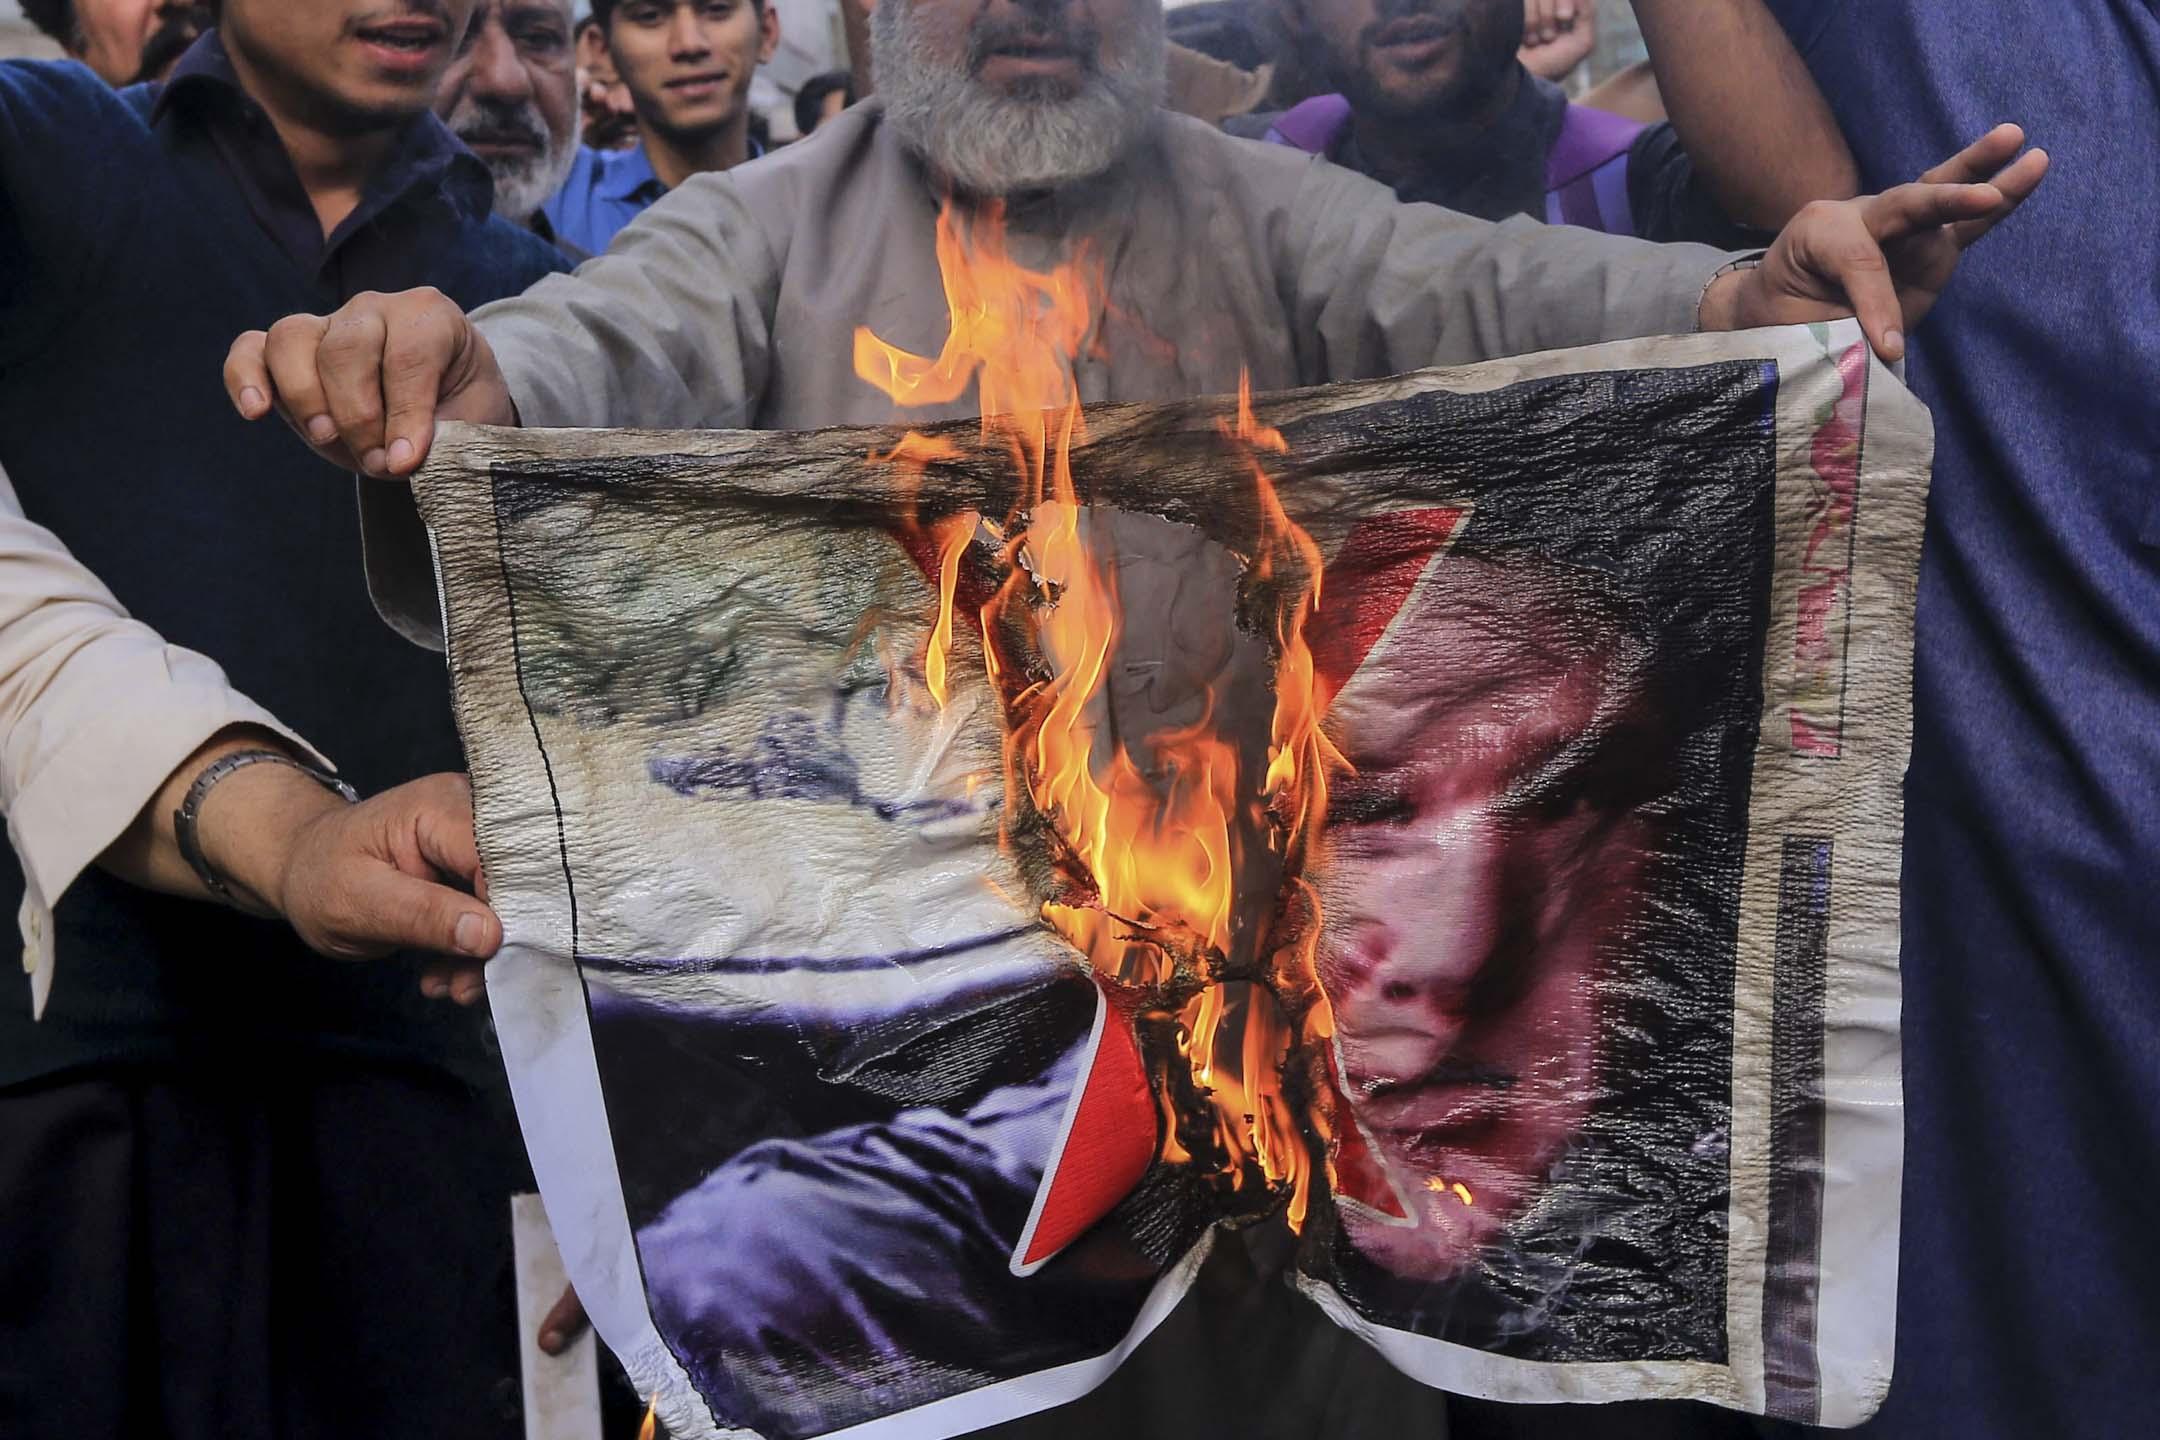 2019年3月16日,巴基斯坦民眾舉行示威活動,高喊口號,譴責新西蘭槍擊案,並焚燒嫌犯照片。 攝:Bilawal Arbab/EPA